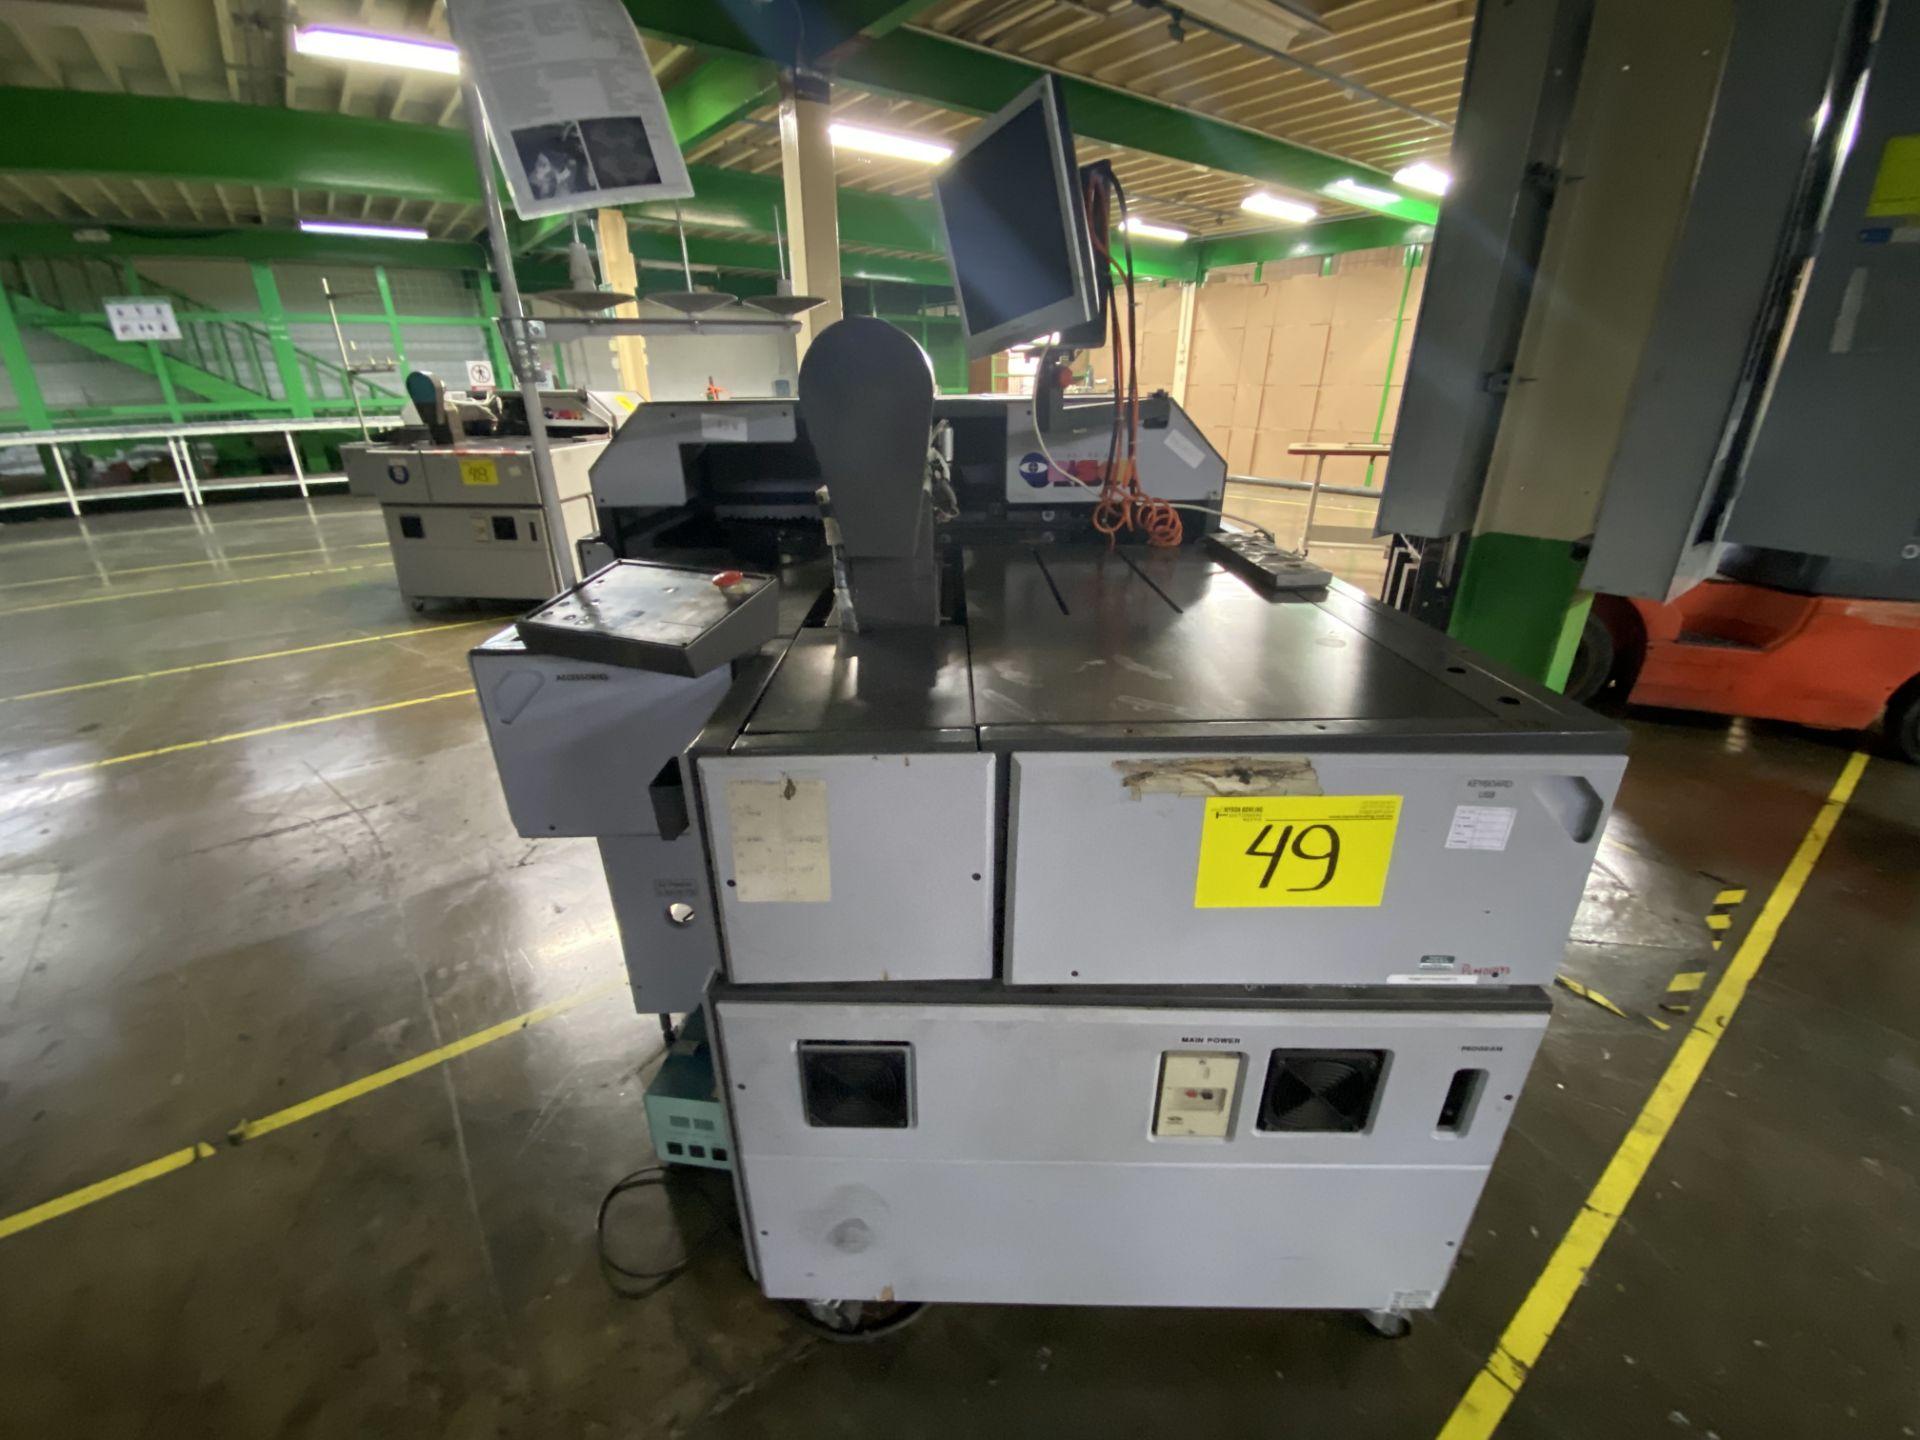 Lot 49 - Máquina de coser industrial computarizada de alto rendimiento marca Orisol, Modelo: OS-305